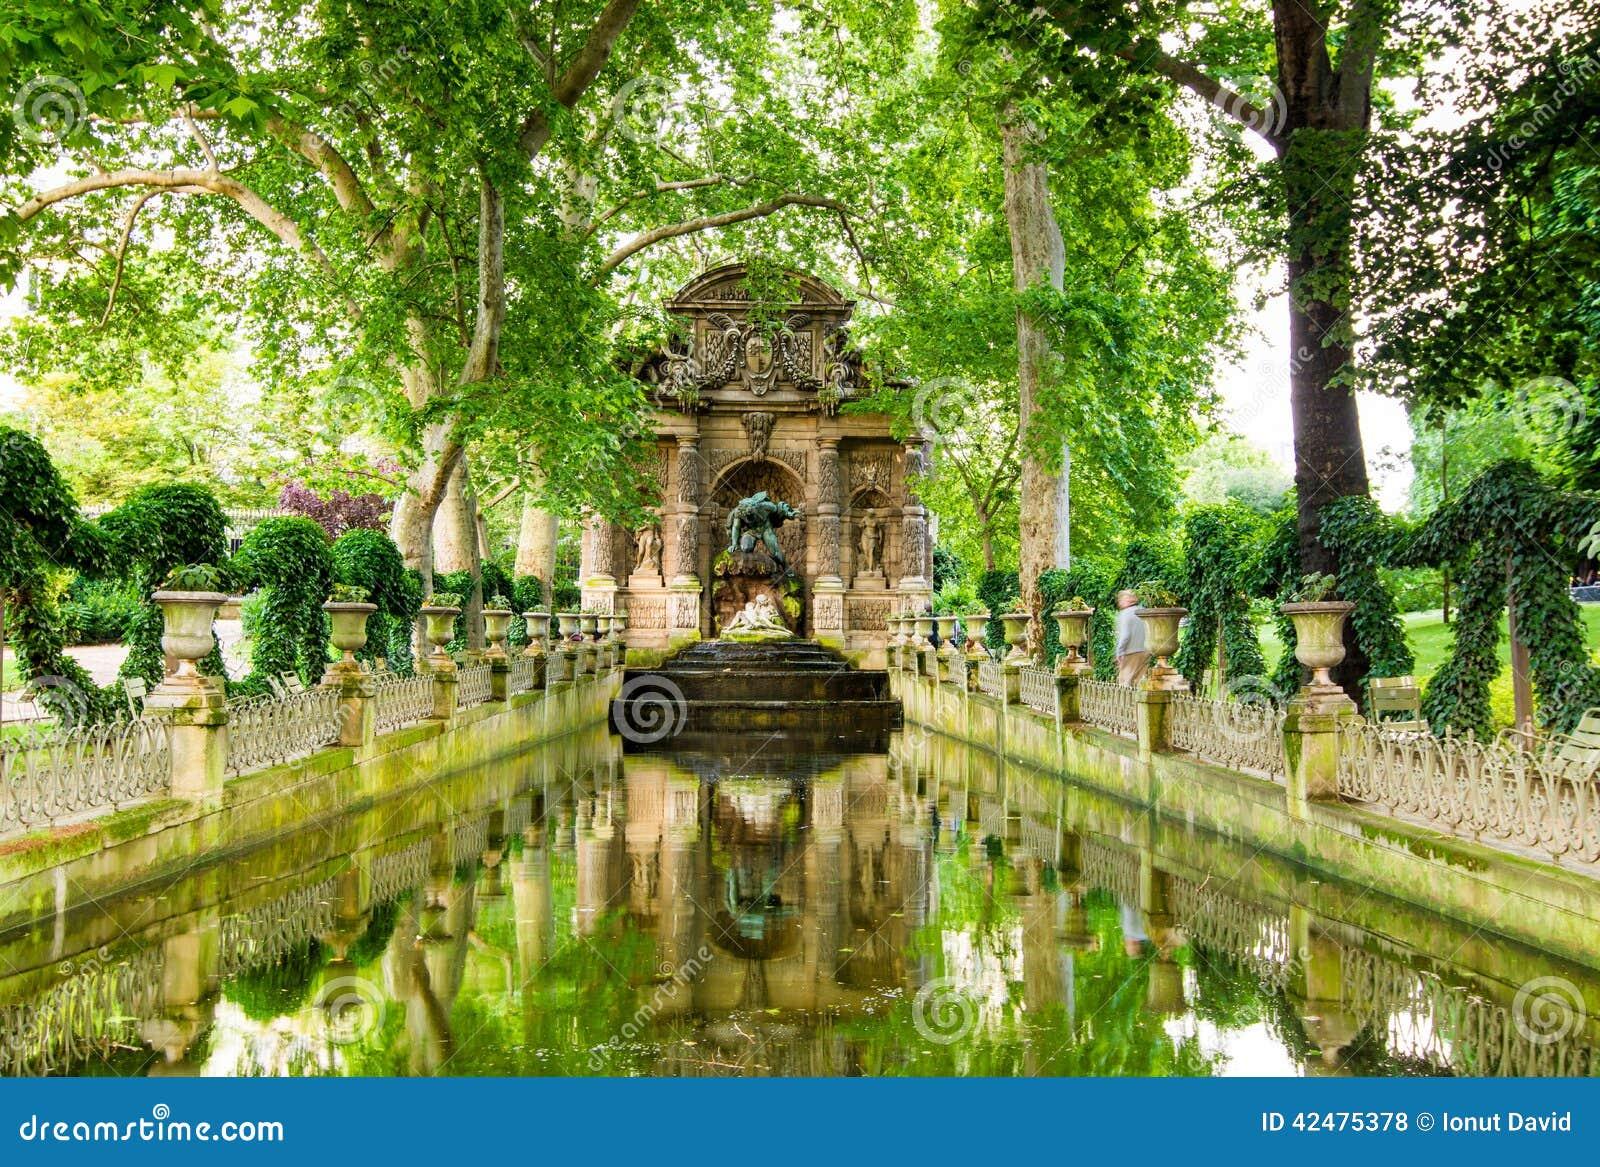 De medici fontein parijs frankrijk stock foto for Buvette des marionnettes du jardin du luxembourg